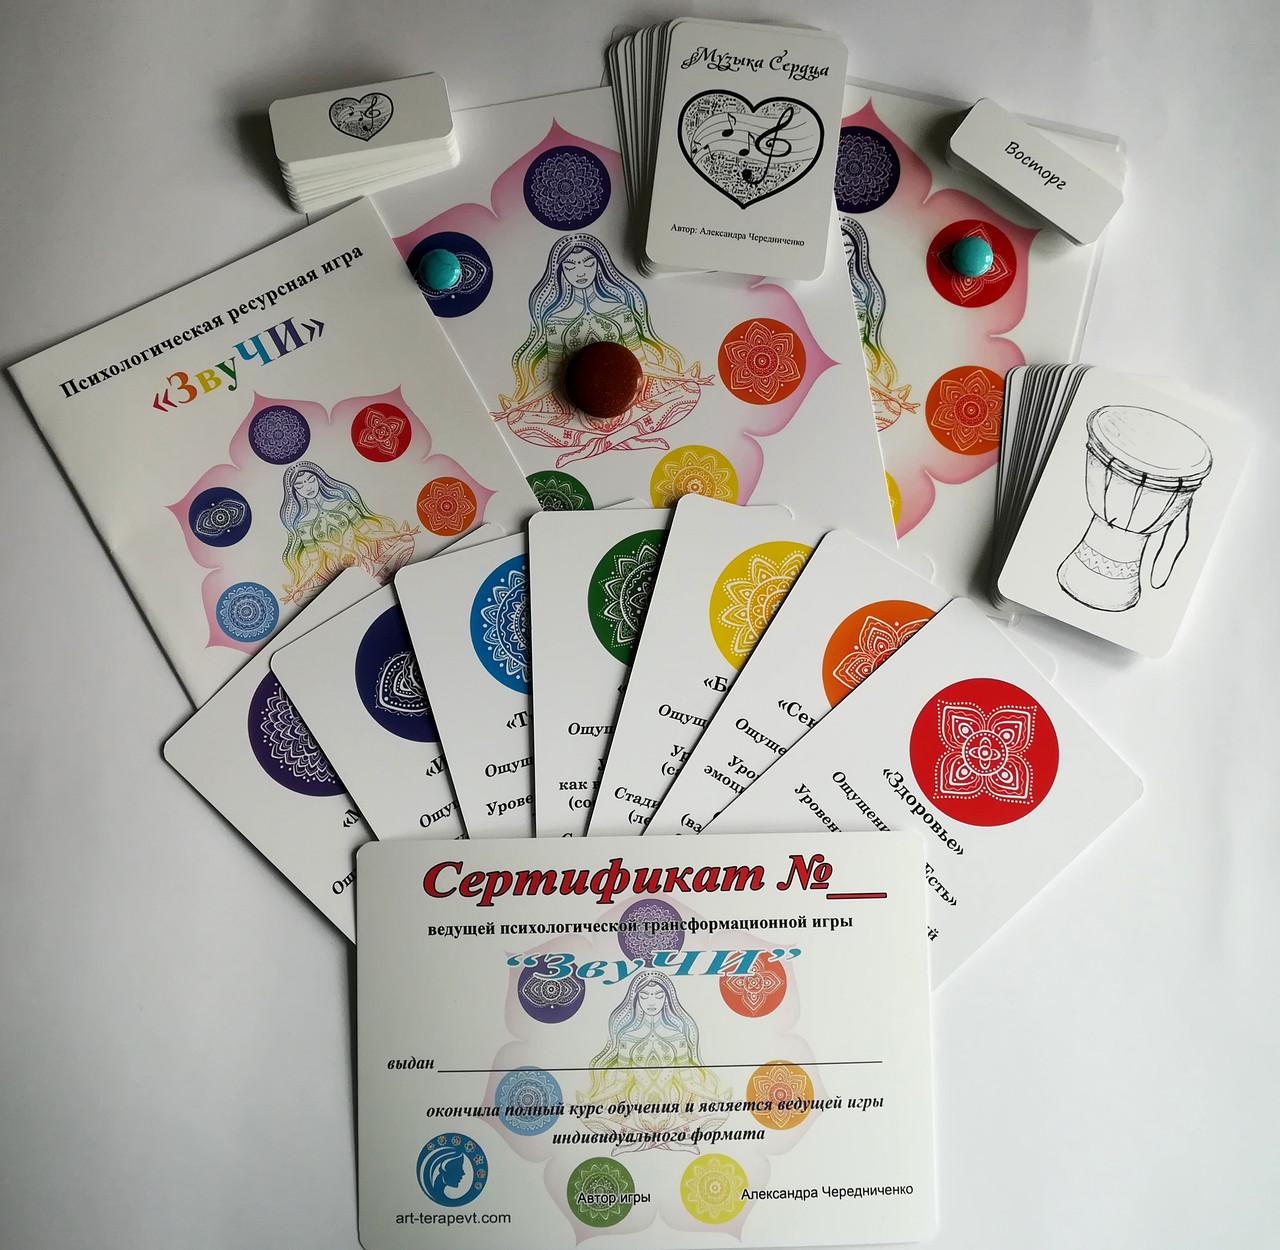 «ЗвуЧИ - мини» психологическая ресурсная игра. Комплект игры + обучение. Автор Александра Чередниченко